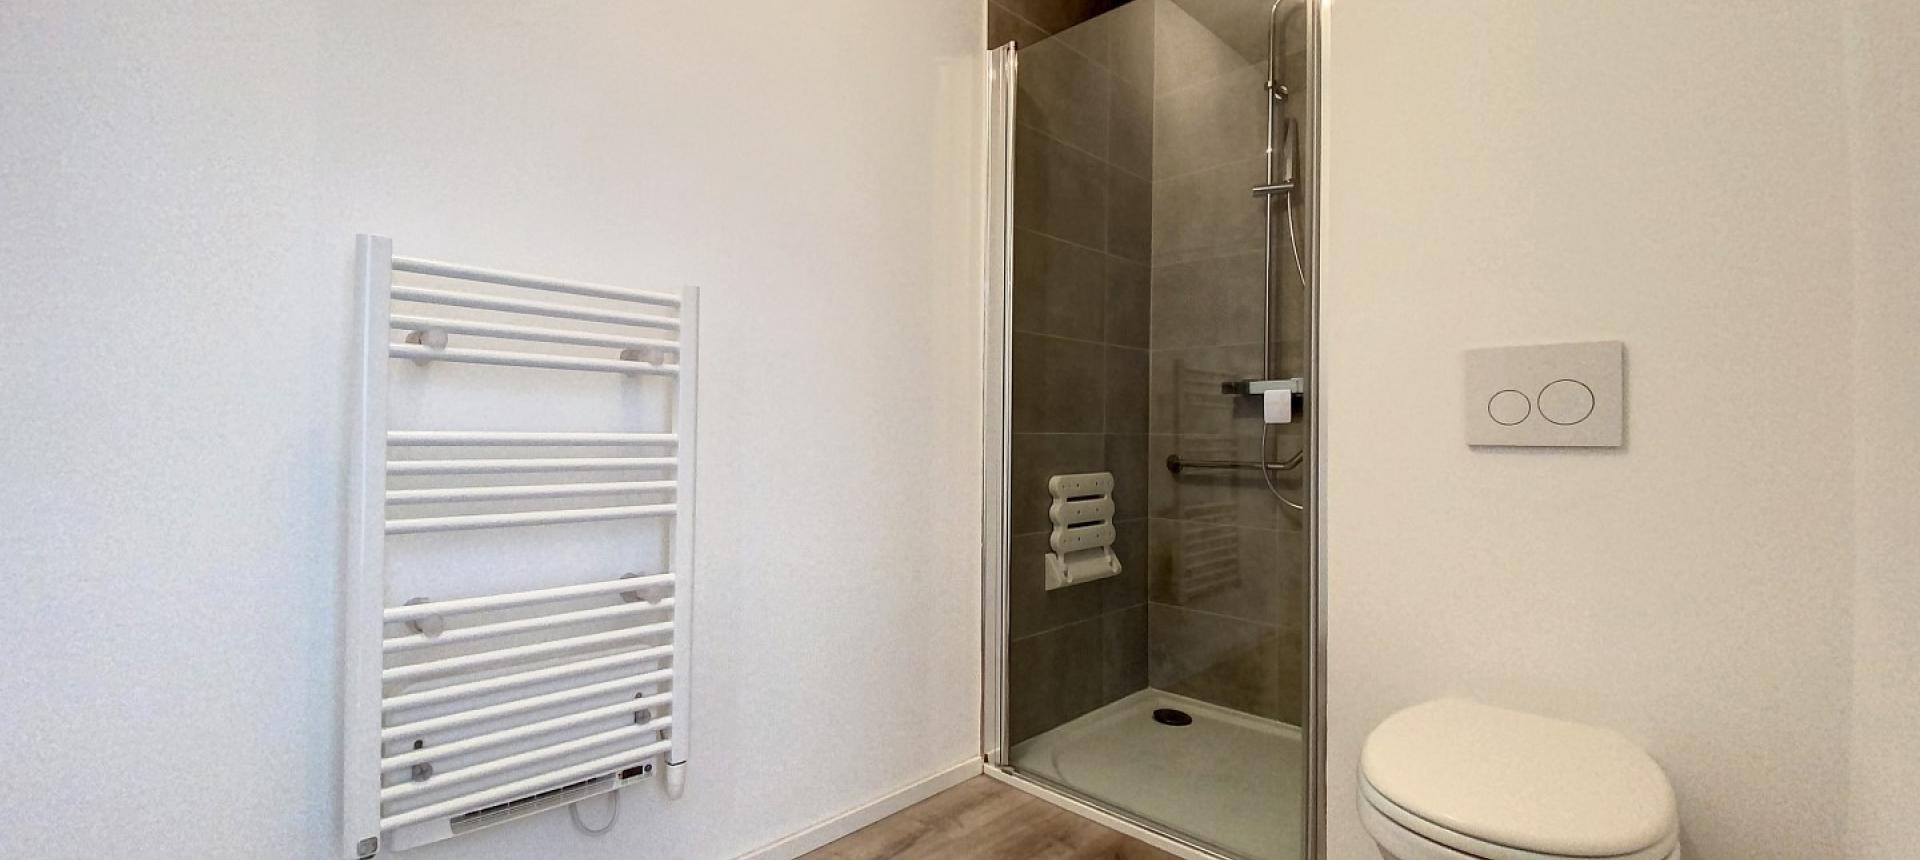 Salle de bain - Vente appartement T2 à Ajaccio secteur Mezzavia